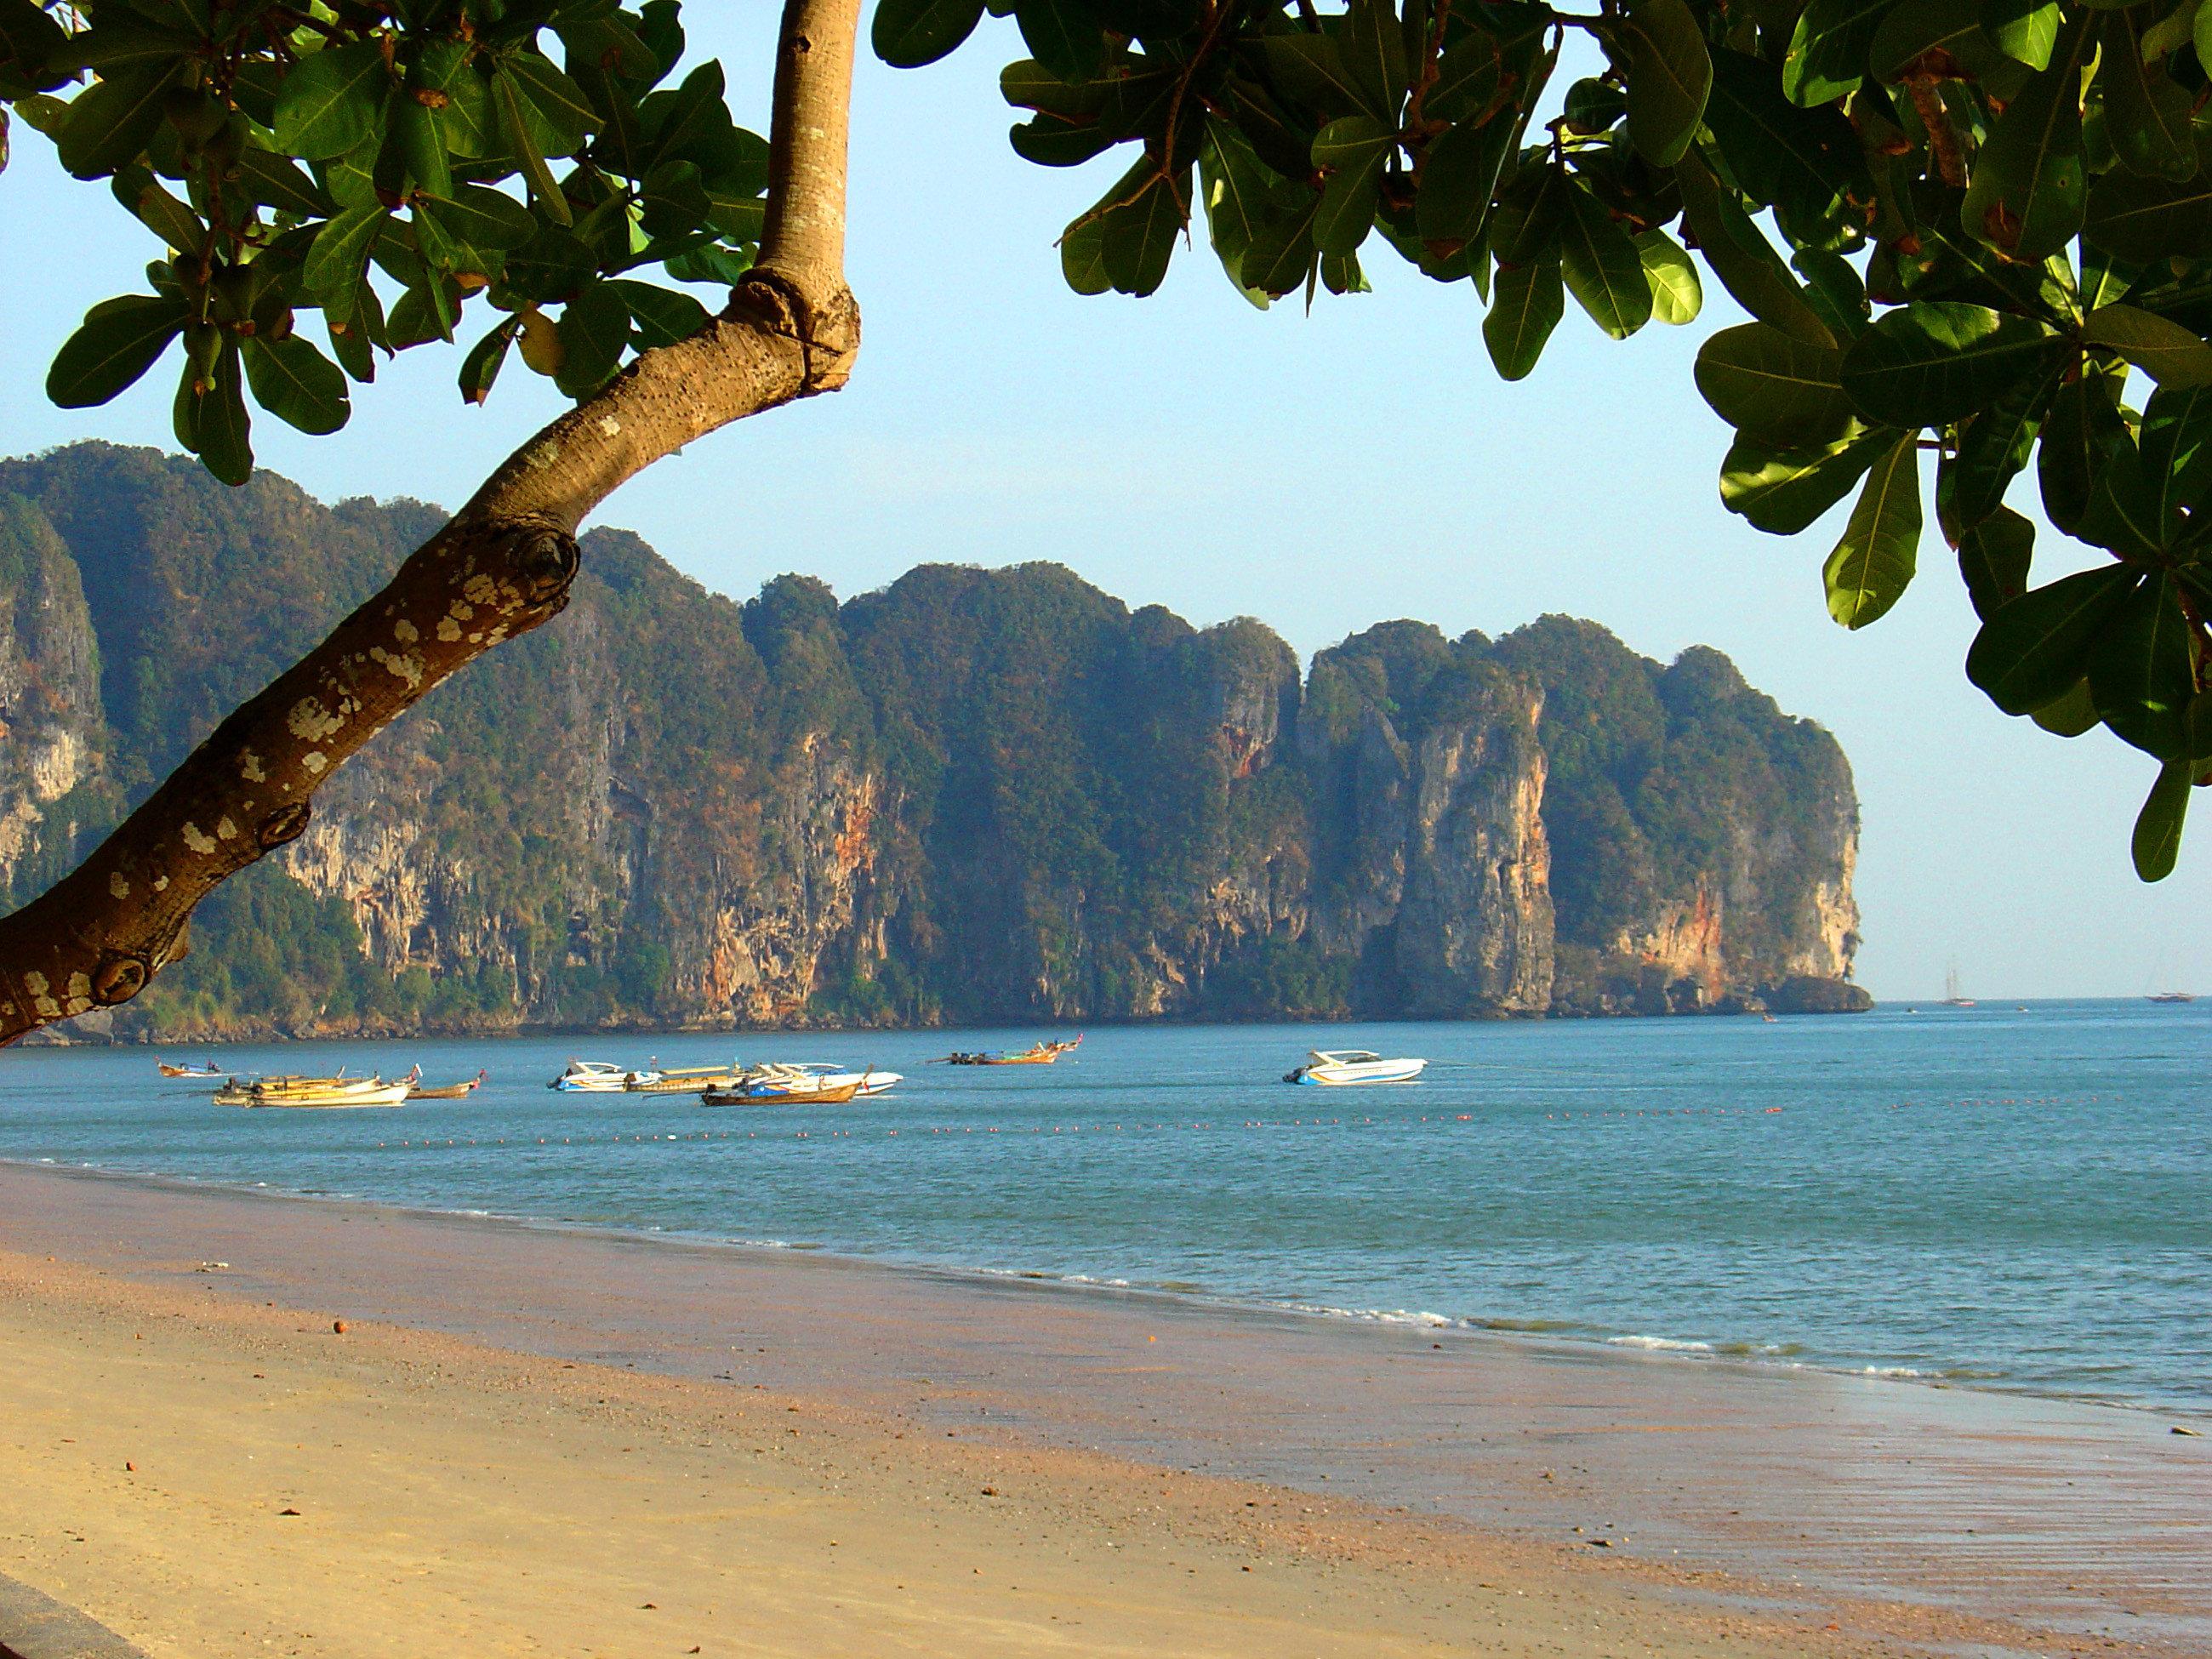 tree water Beach Nature Sea shore tropics Coast Ocean caribbean arecales